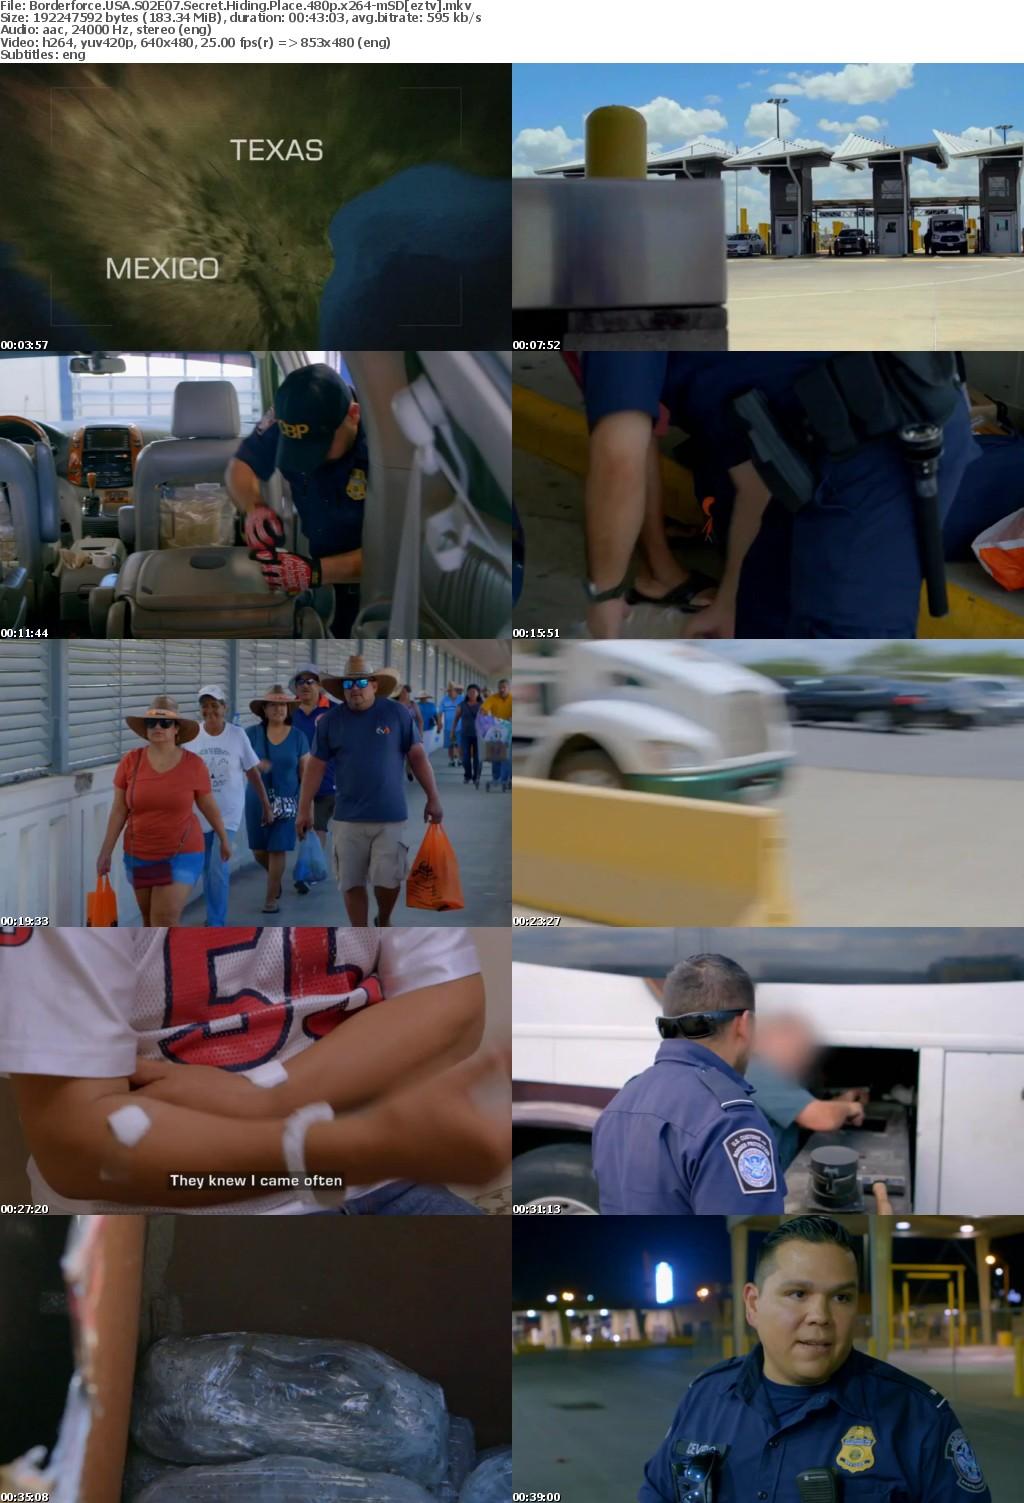 Borderforce USA S02E07 Secret Hiding Place 480p x264-mSD